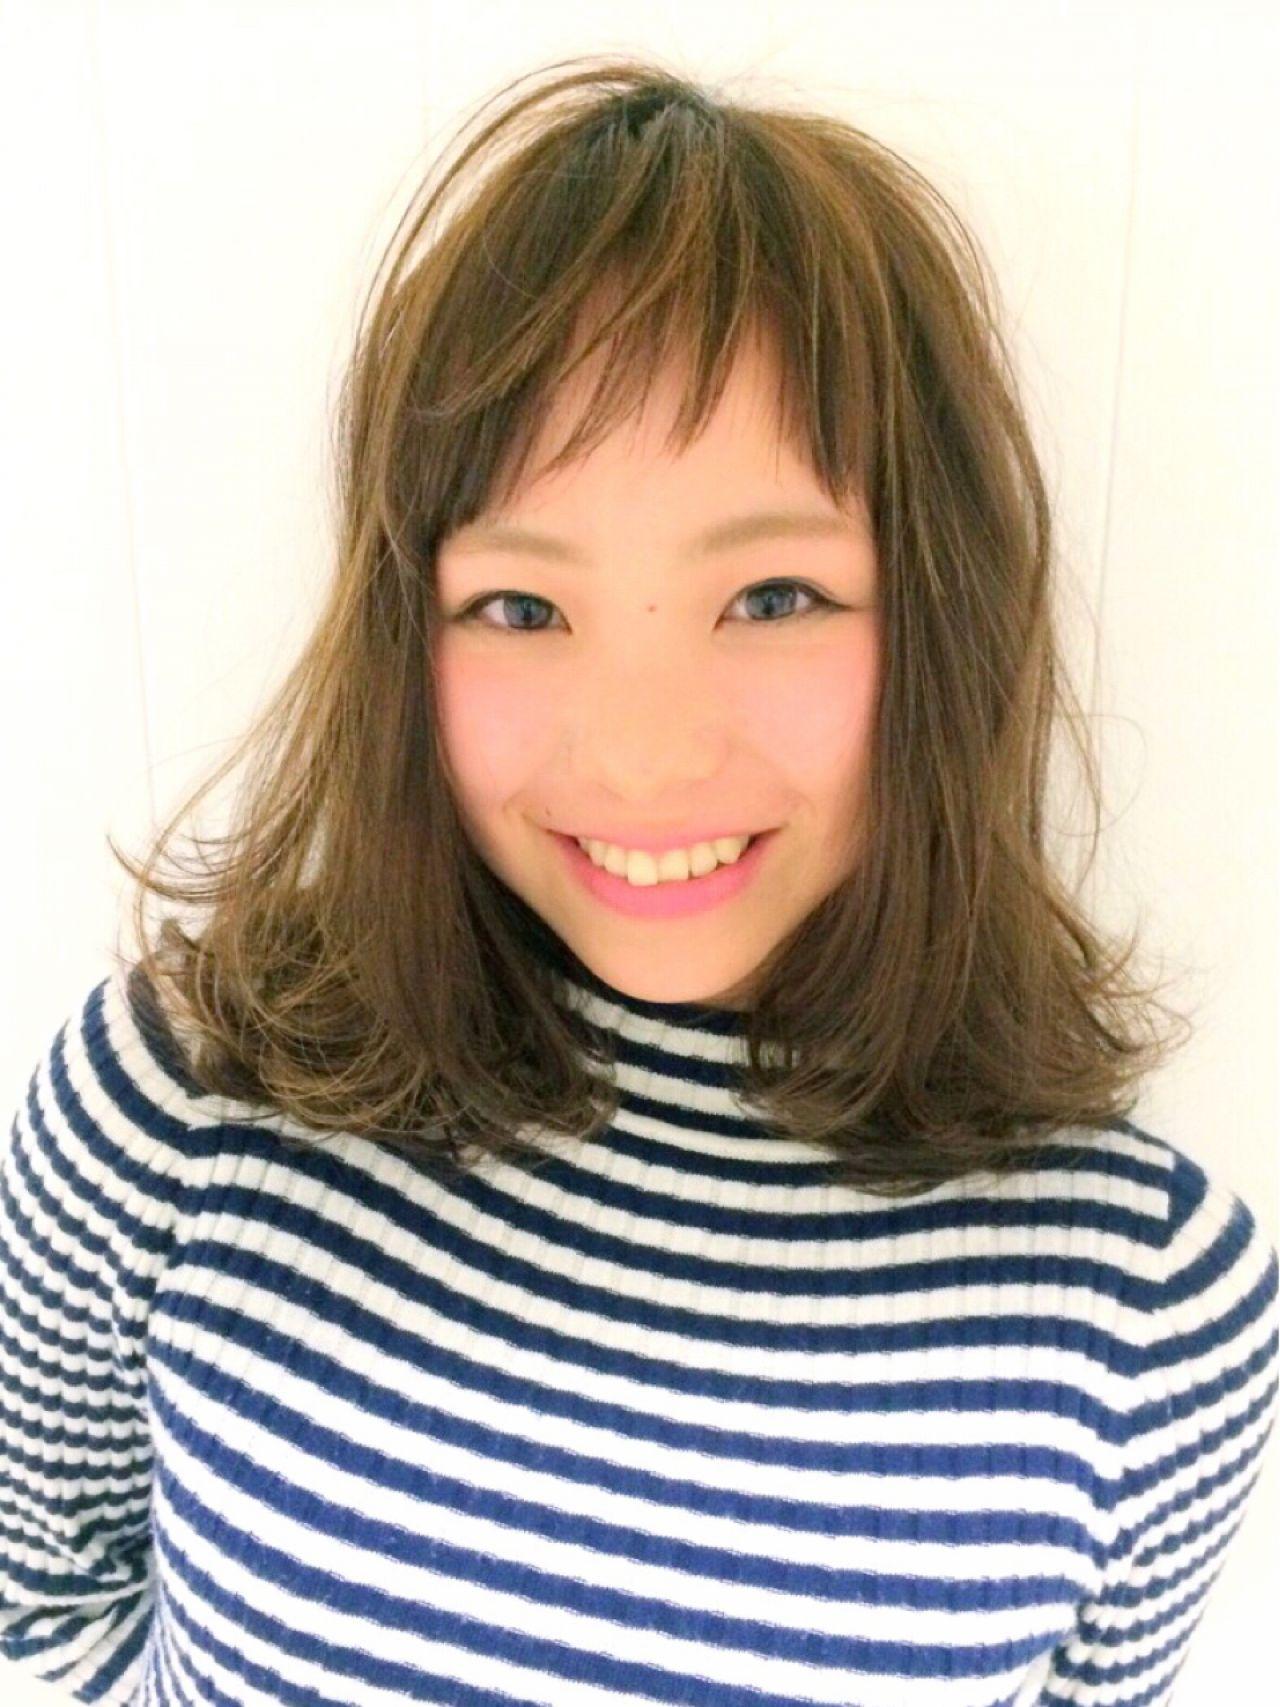 アシメな髪型トレンドカタログ2017♡セルフカット・アレンジ技も伝授♪ きたけん/ 'AXIS D.H.A